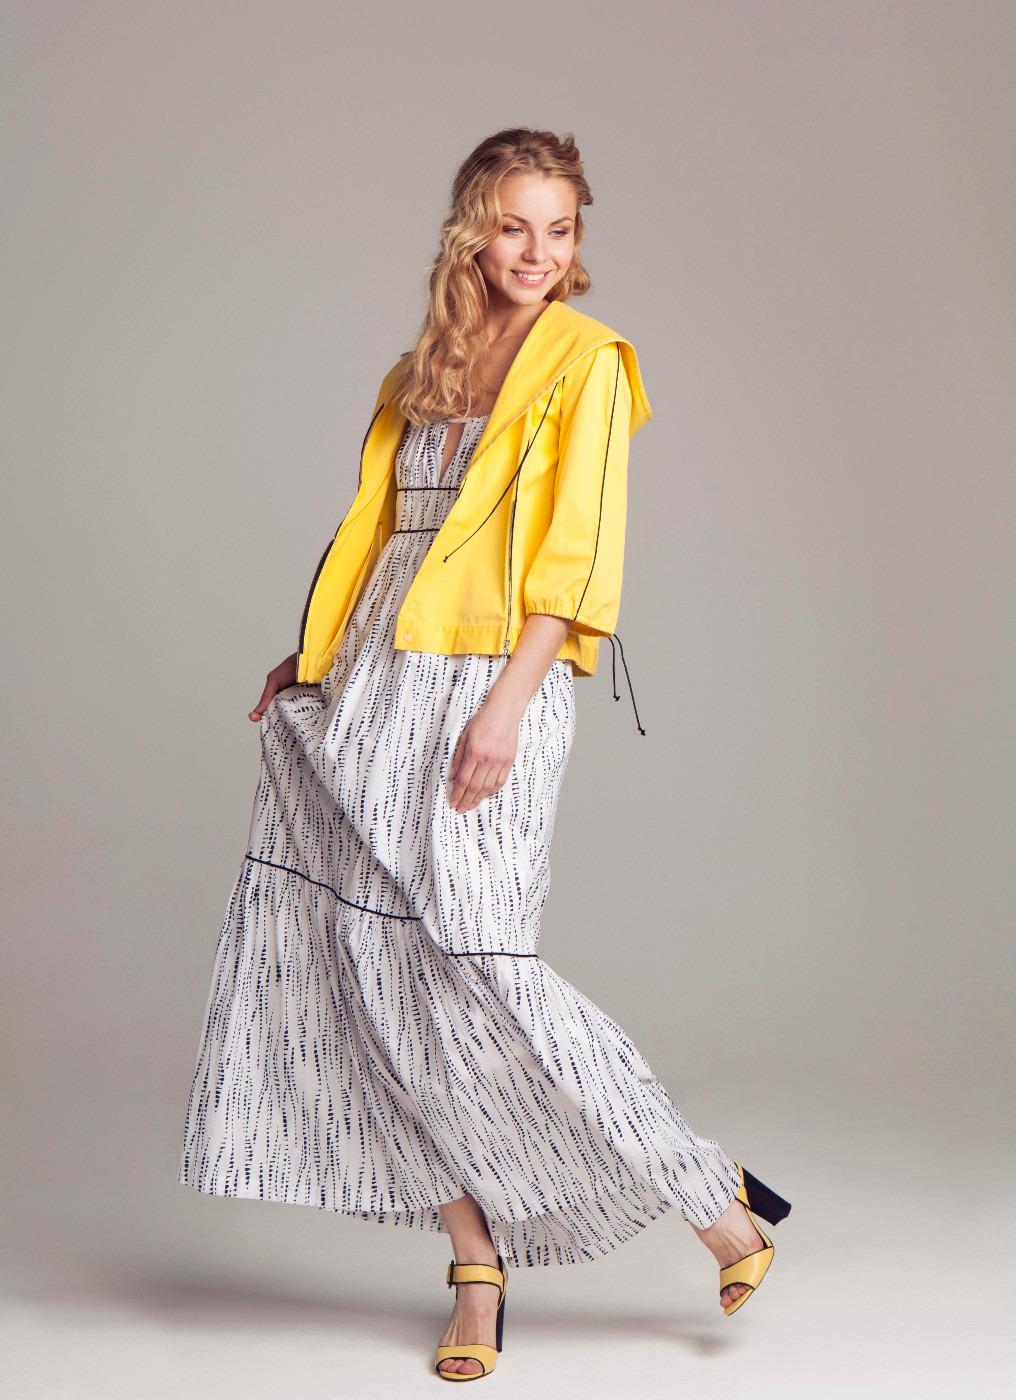 Купить В Москве Женскую Одежду От Российских Дизайнеров